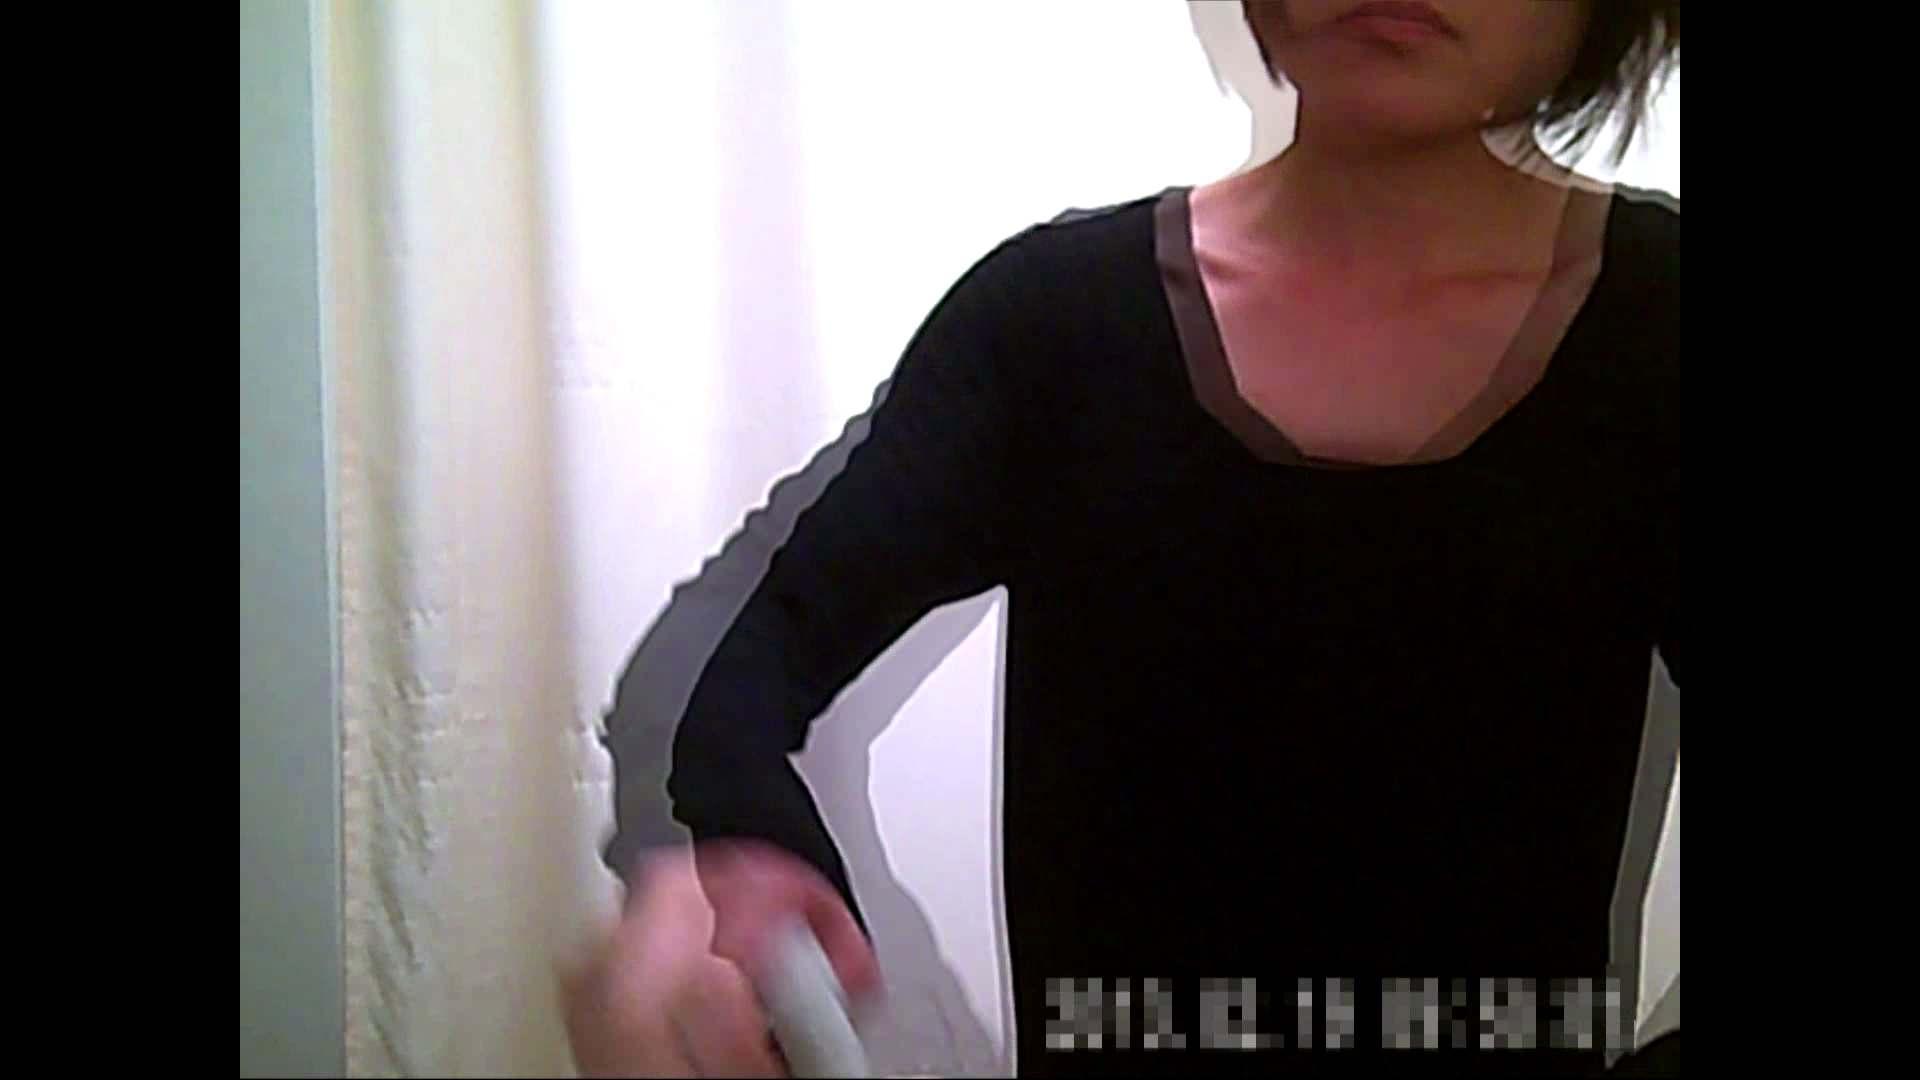 元医者による反抗 更衣室地獄絵巻 vol.142 OLハメ撮り  68Pix 41